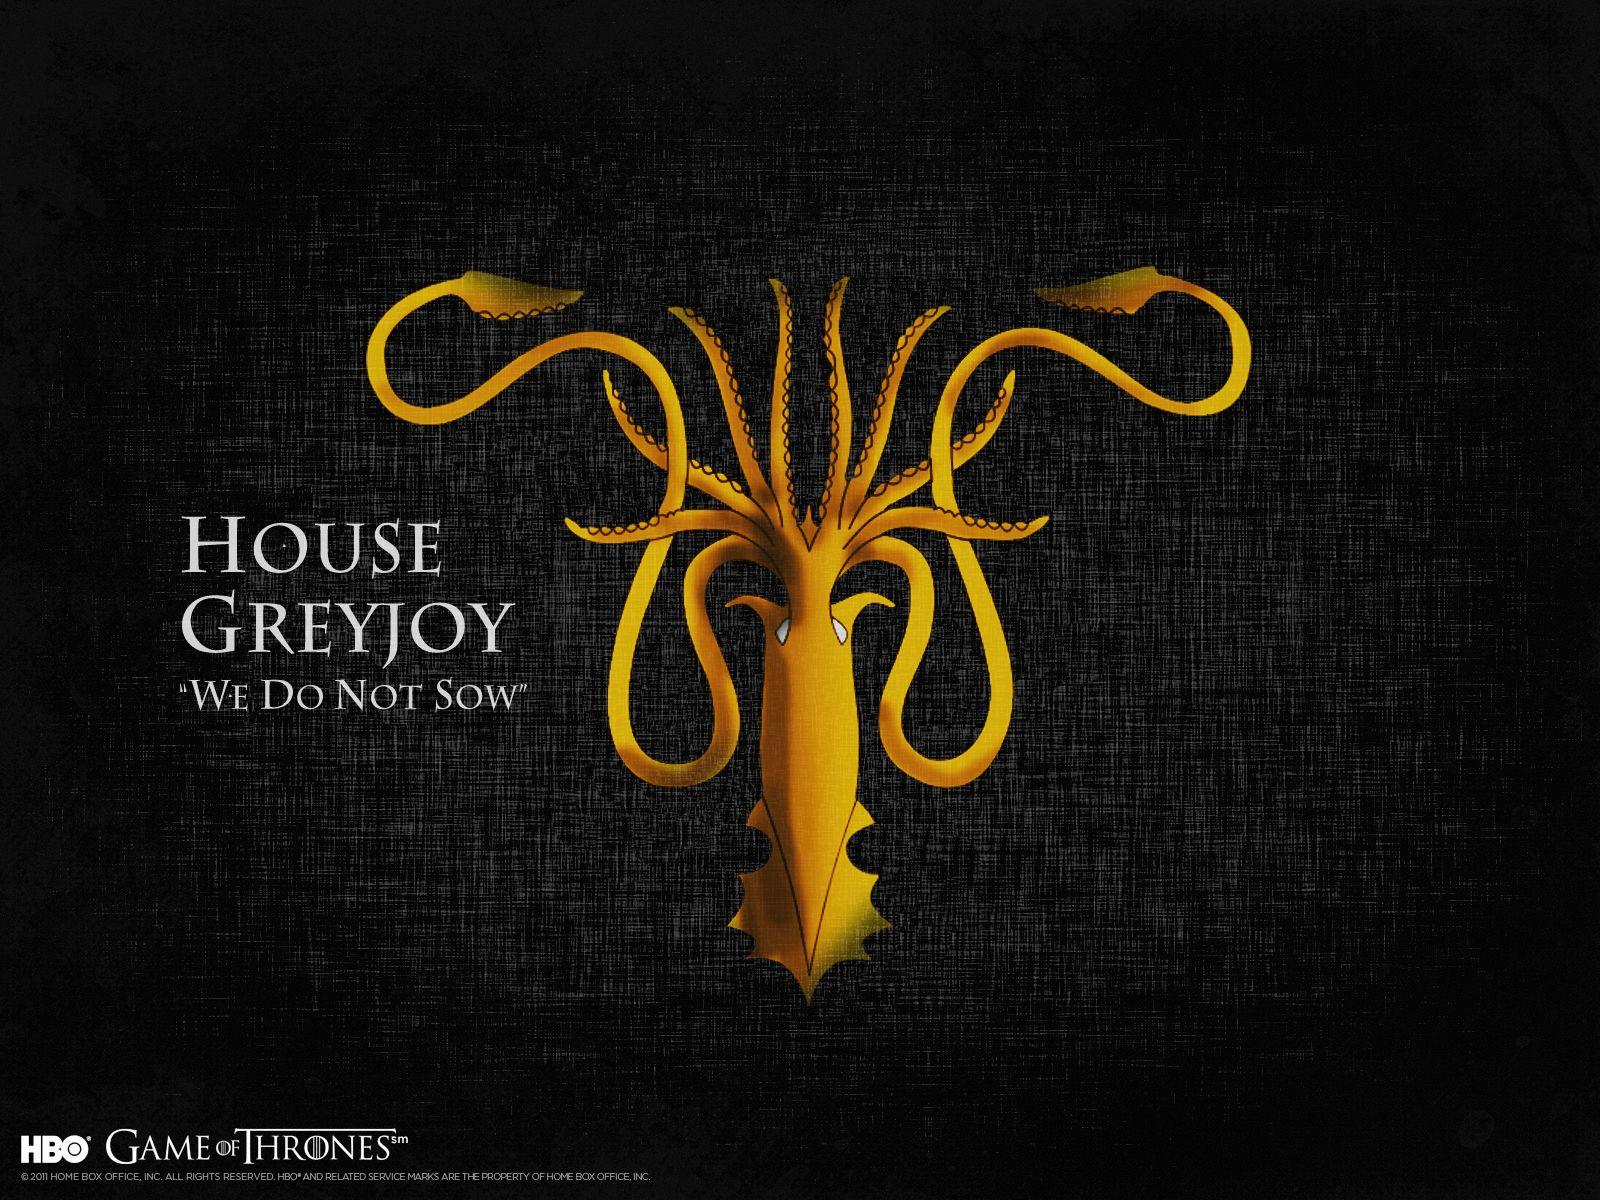 House Greyjoy Fogo E Gelo As Cronicas De Gelo E Fogo Game Of